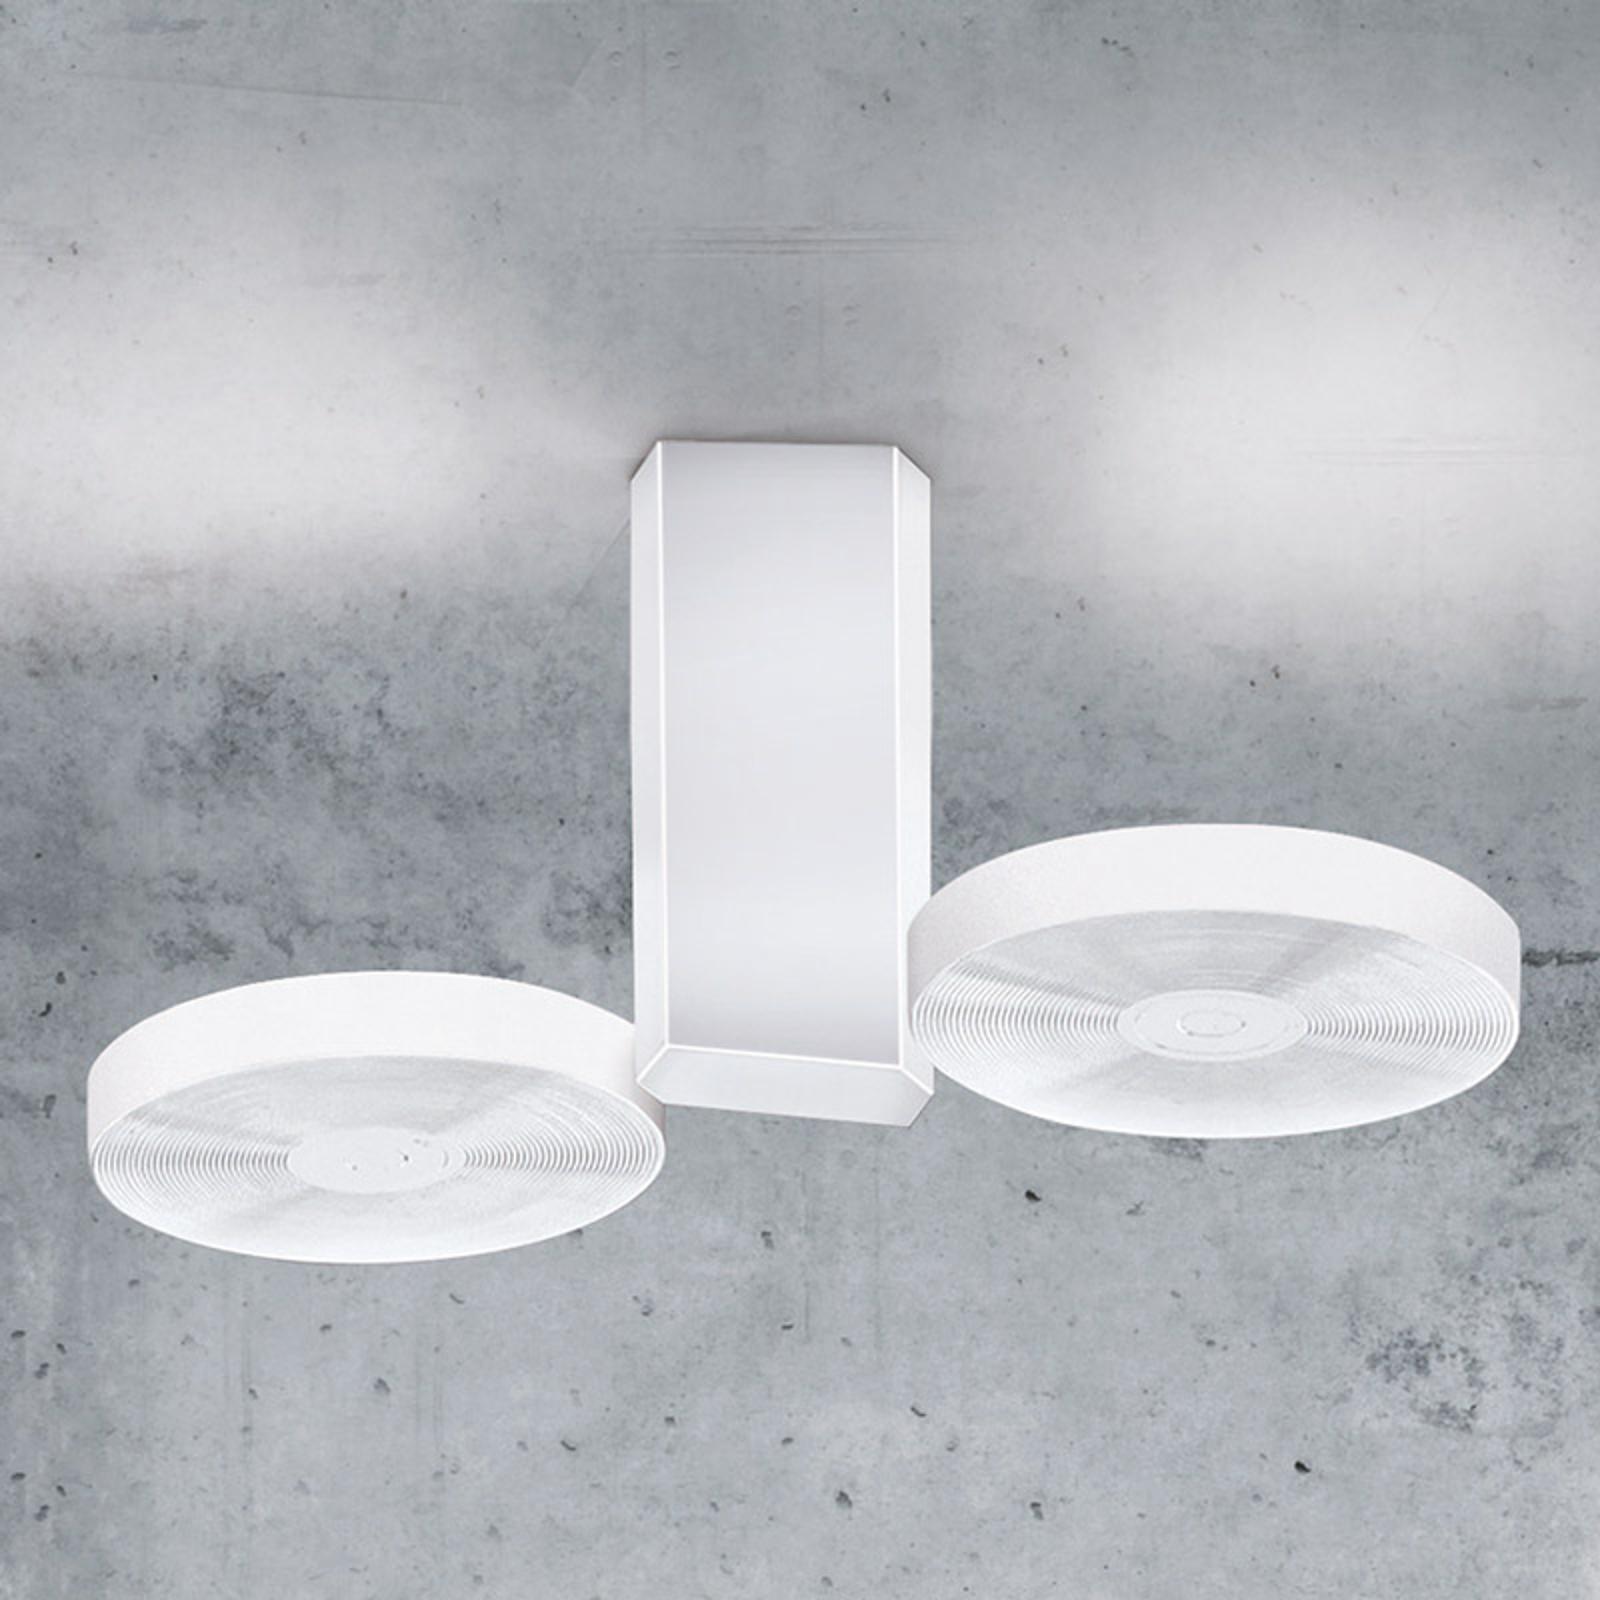 ICONE Cidi - LED-Deckenleuchte, weiß